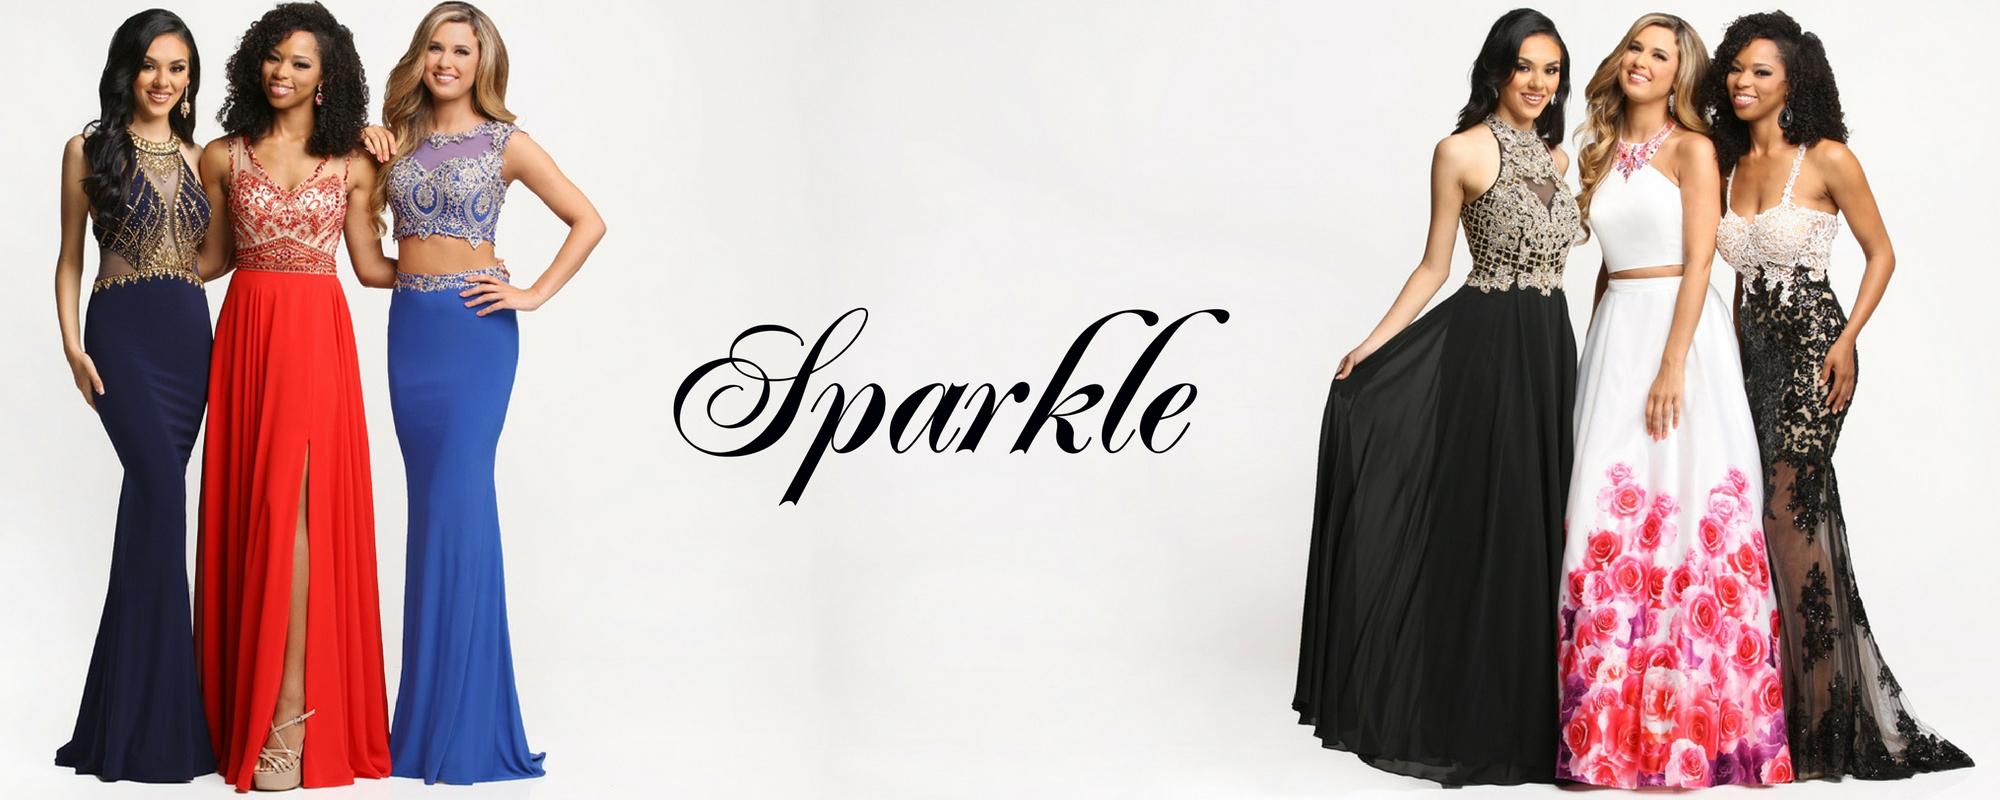 model wearing prom dress